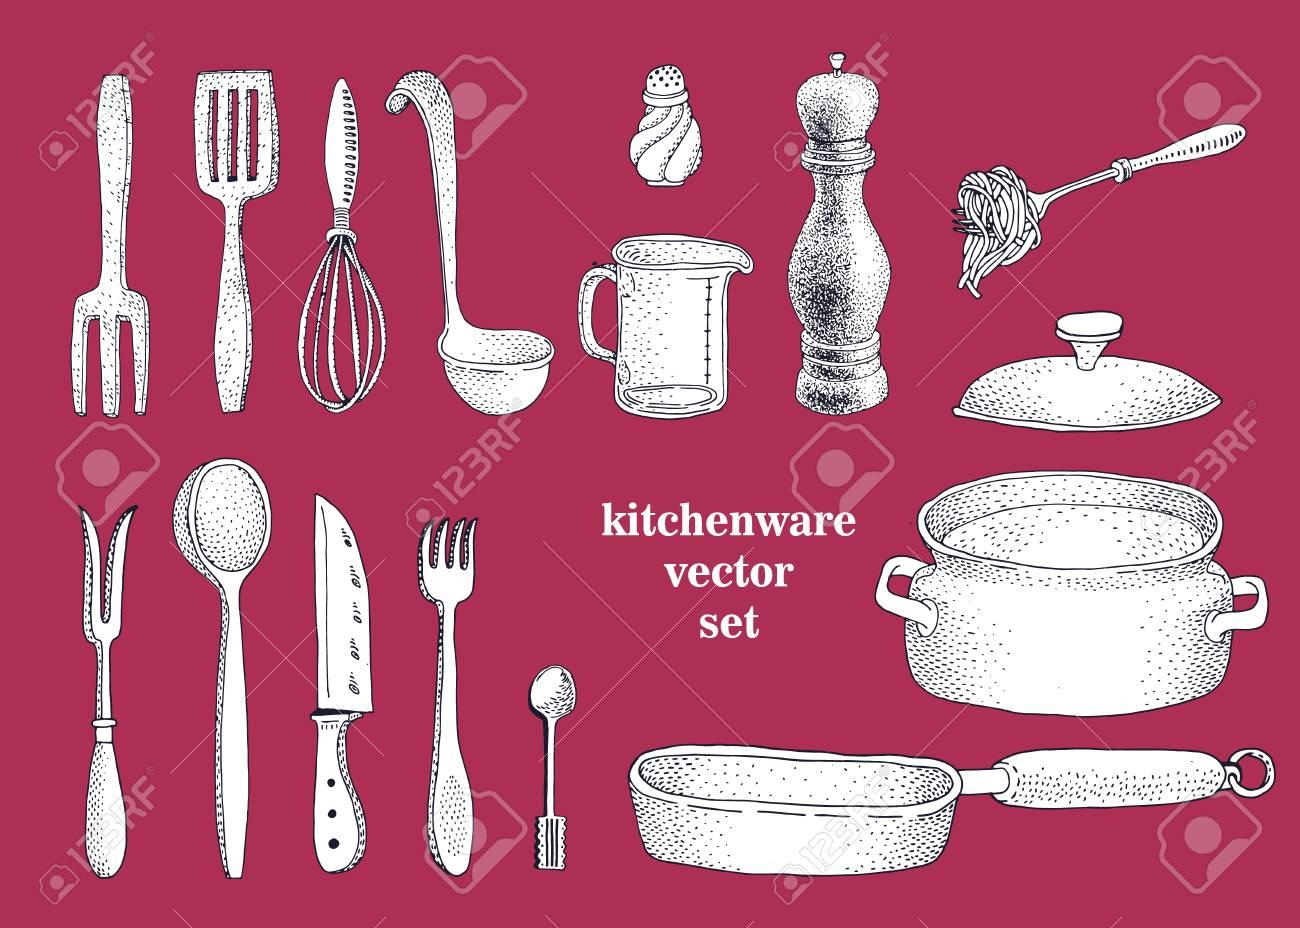 Conjunto De Vector De Utensilios De Cocina Hechos A Mano